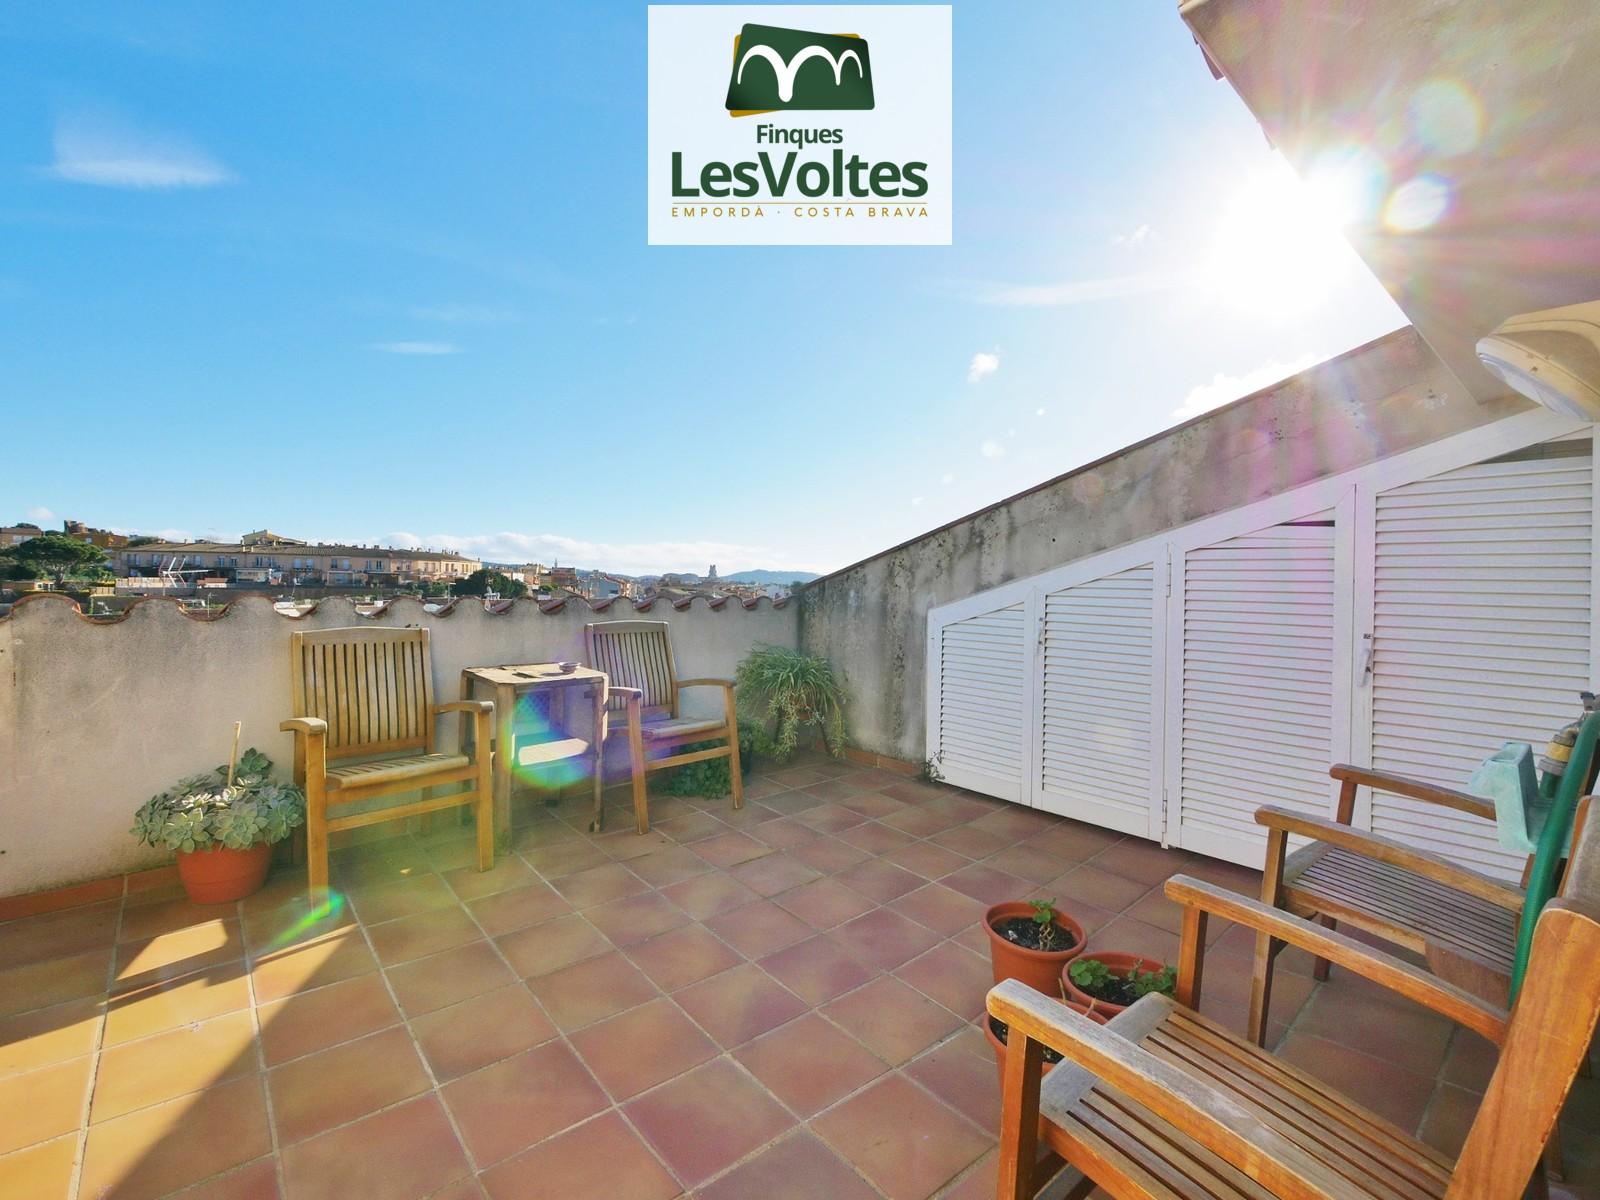 Magnífic àtic dúplex amb terrassa i plaça d'aparcament en venda a Palafrugell. Zona residencial molt tranquil·la.